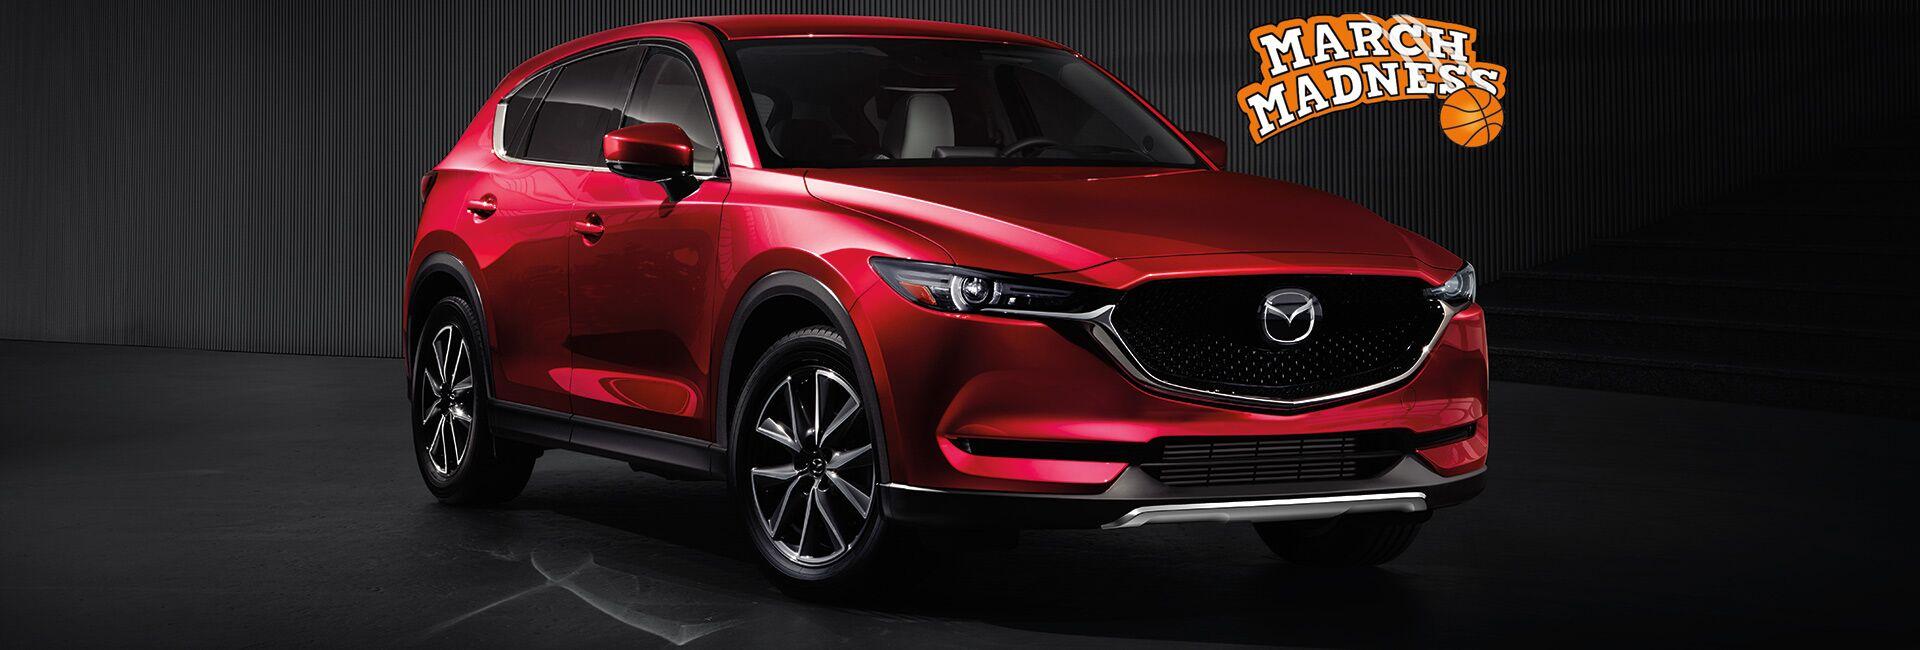 Mazda Dealership Rochester NY Used Cars Marketplace Mazda - Mazda dealership ny